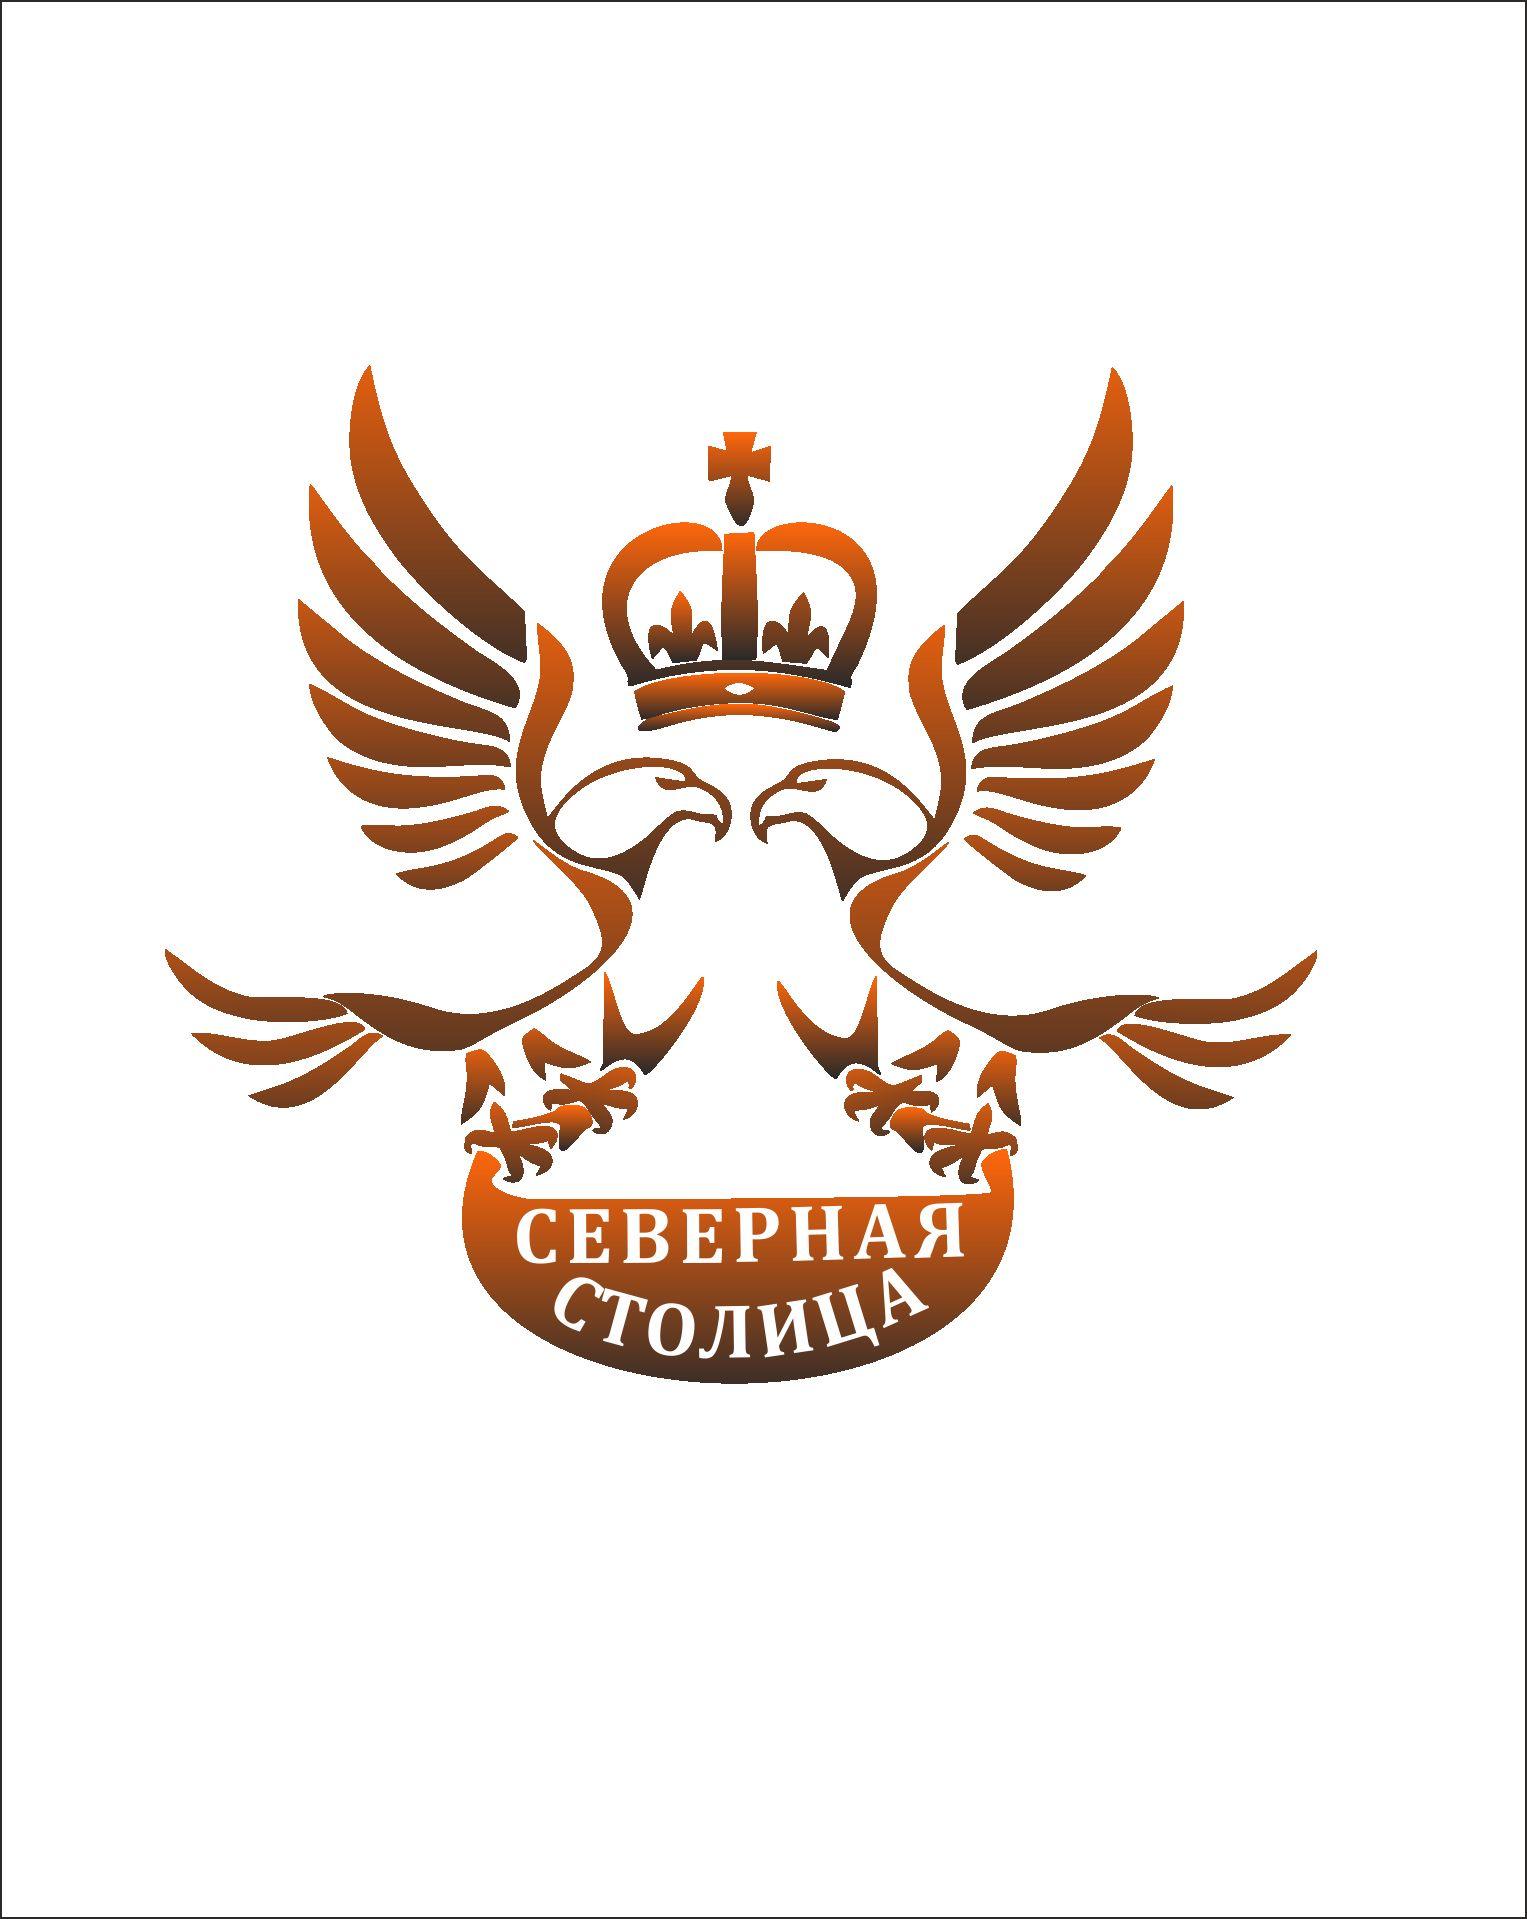 Логотип для компании Северная Столица - дизайнер IsackovAl